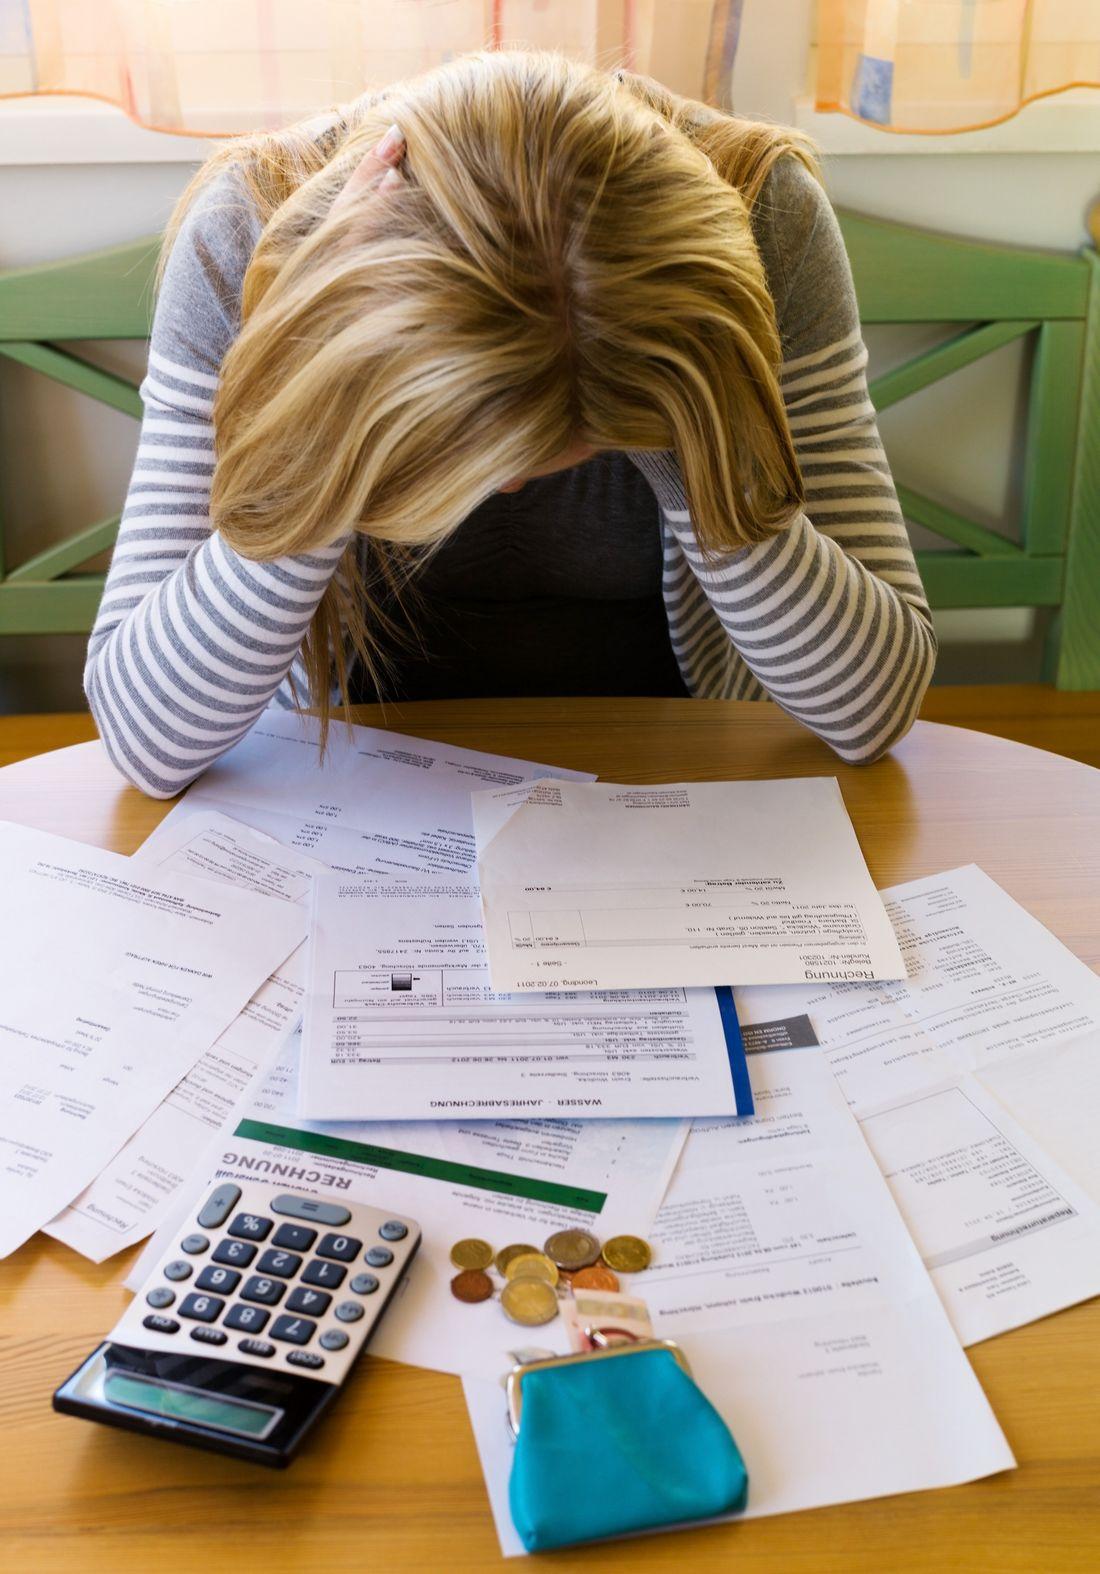 debtstress